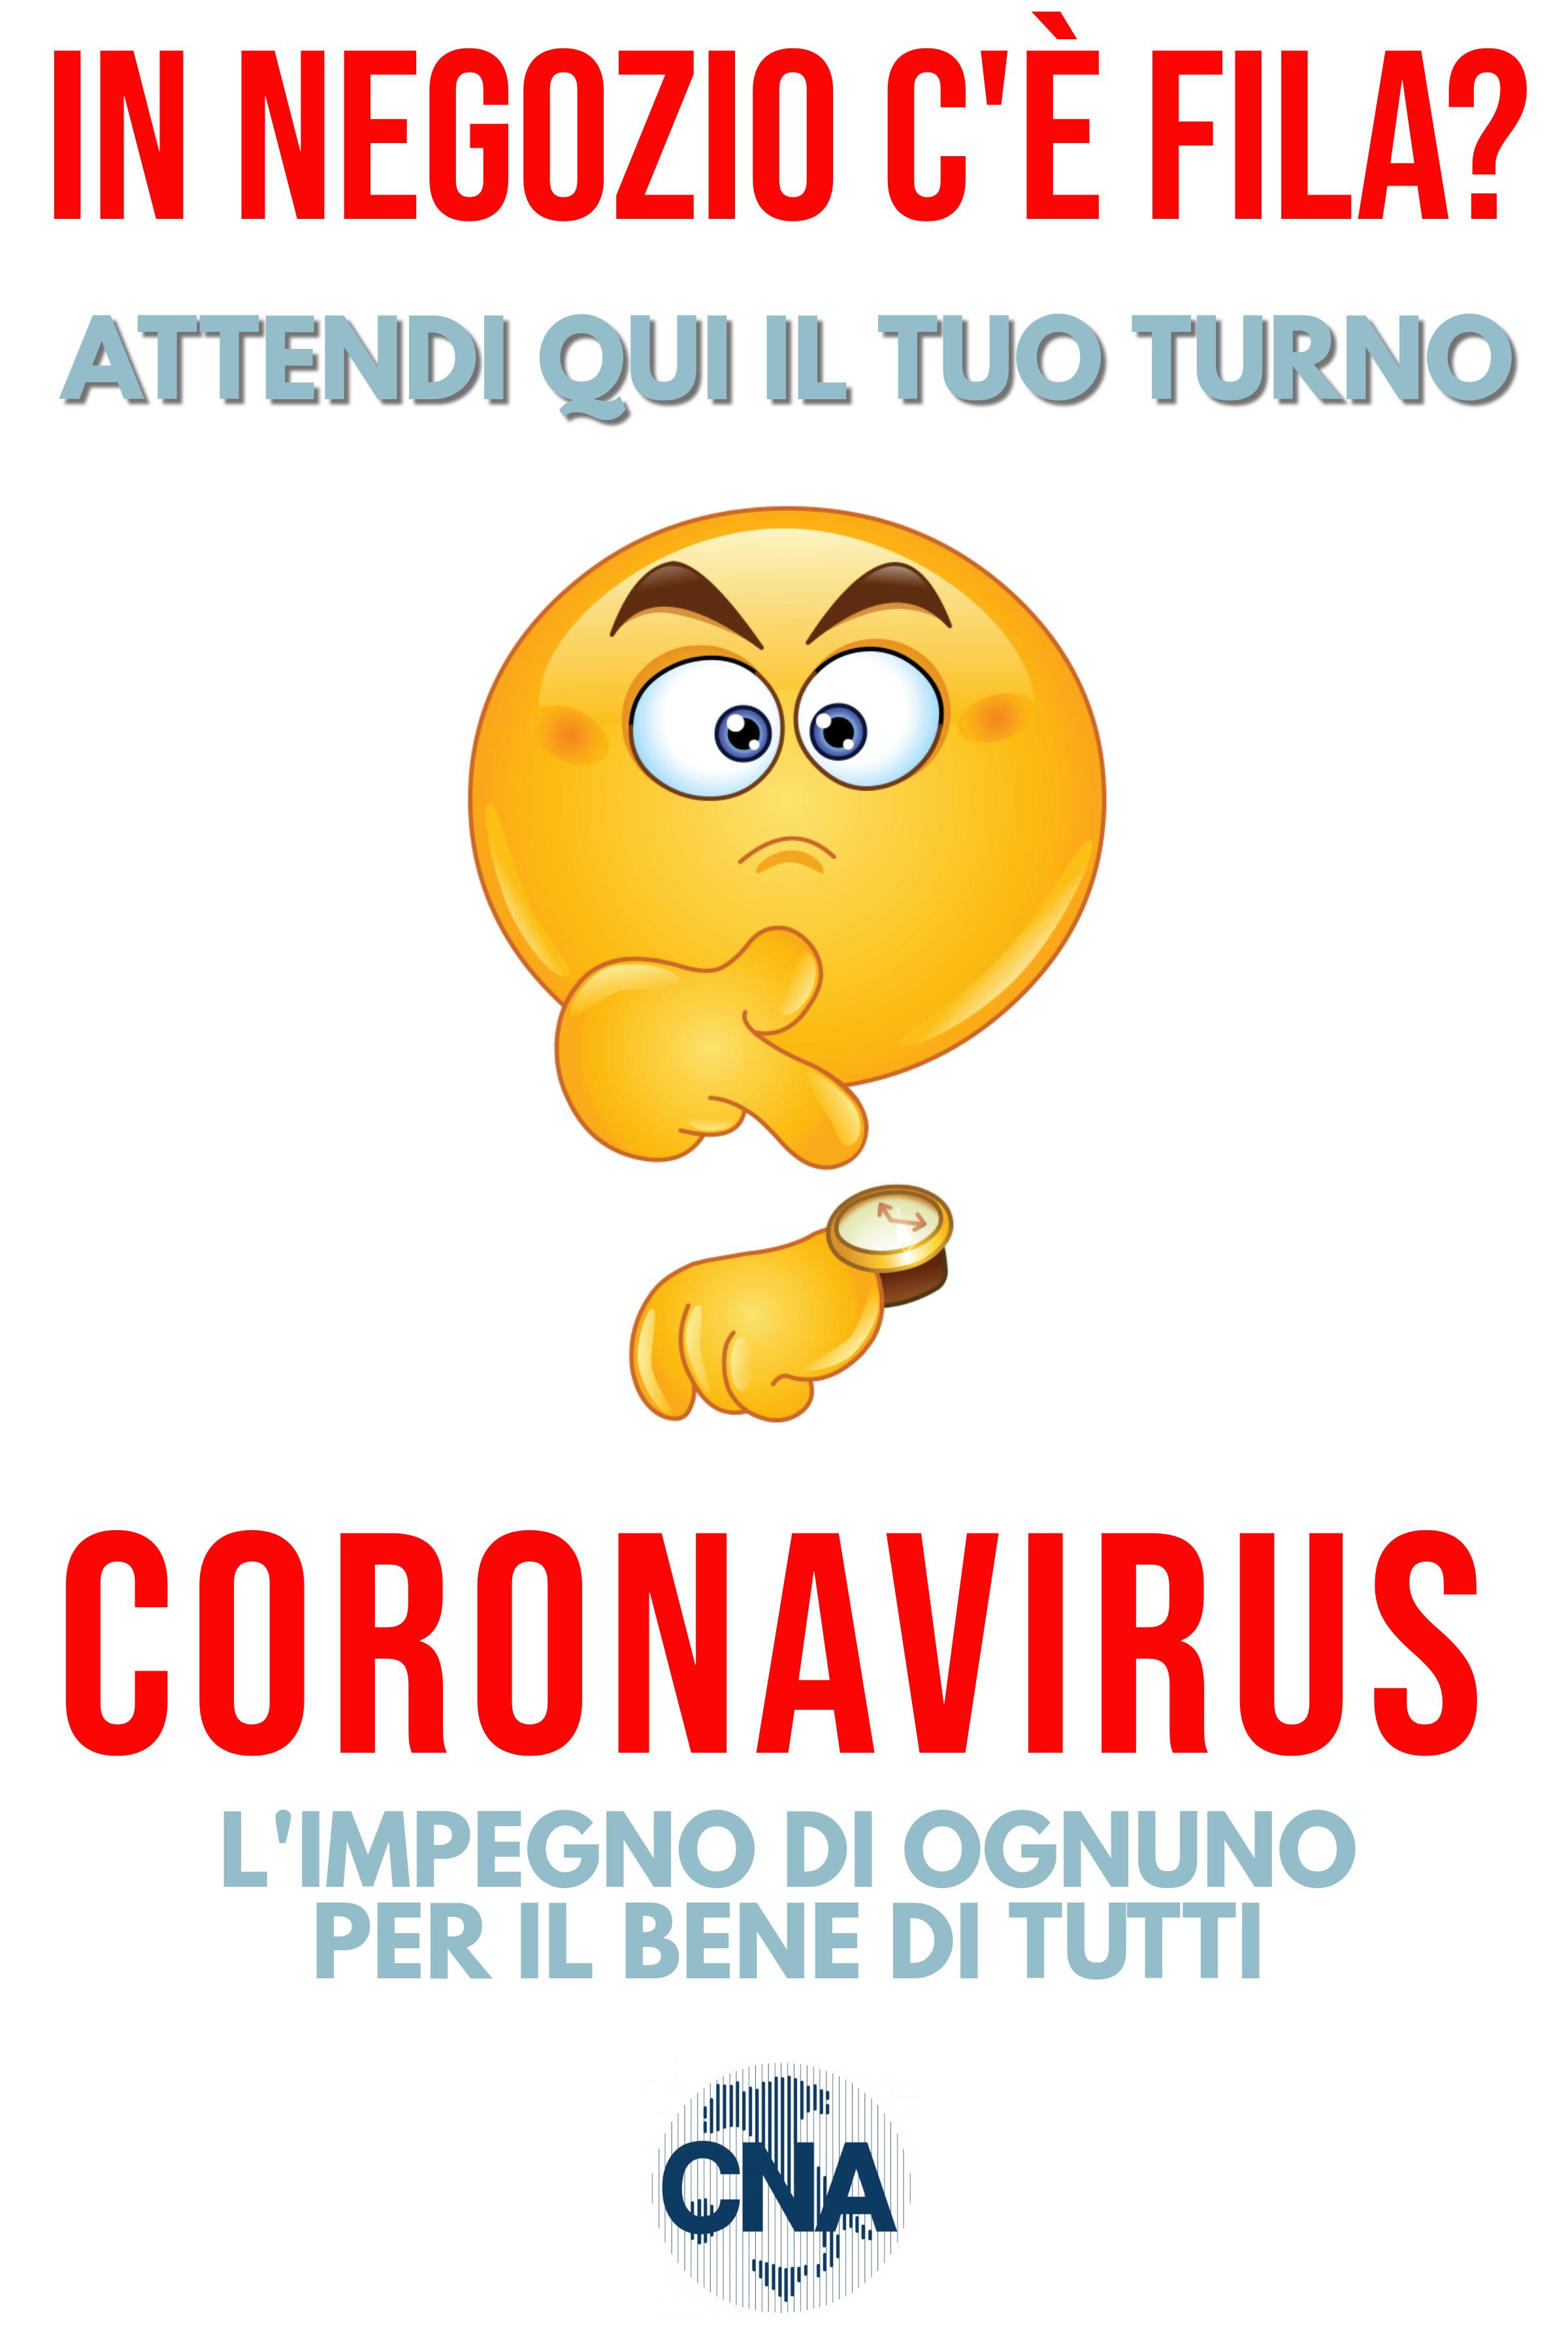 Conosciuto COVID19 - Ecco i cartelli precauzionali CNA da esporre al pubblico XG11